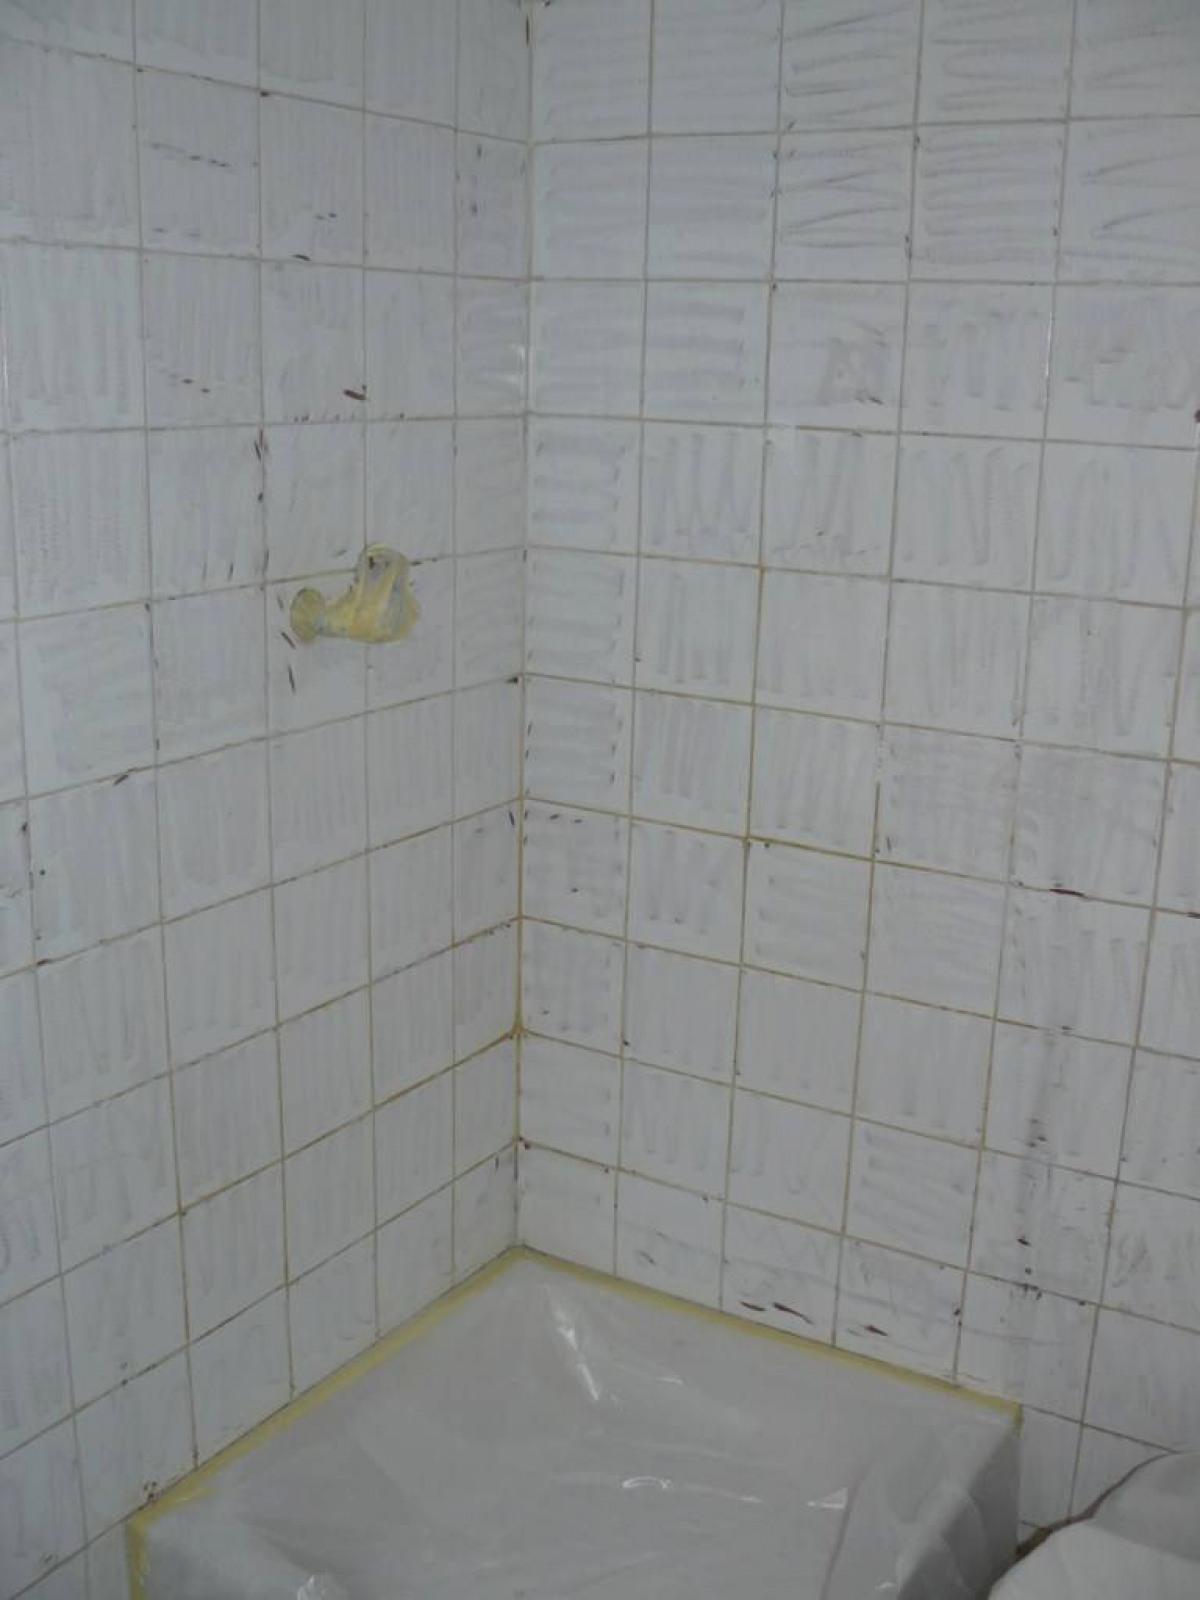 Beton Mineral Sur Carrelage Salle De Bain Beau Photos Parfait 47 Beton Cire Sur Carrelage De Cuisine Fantastique